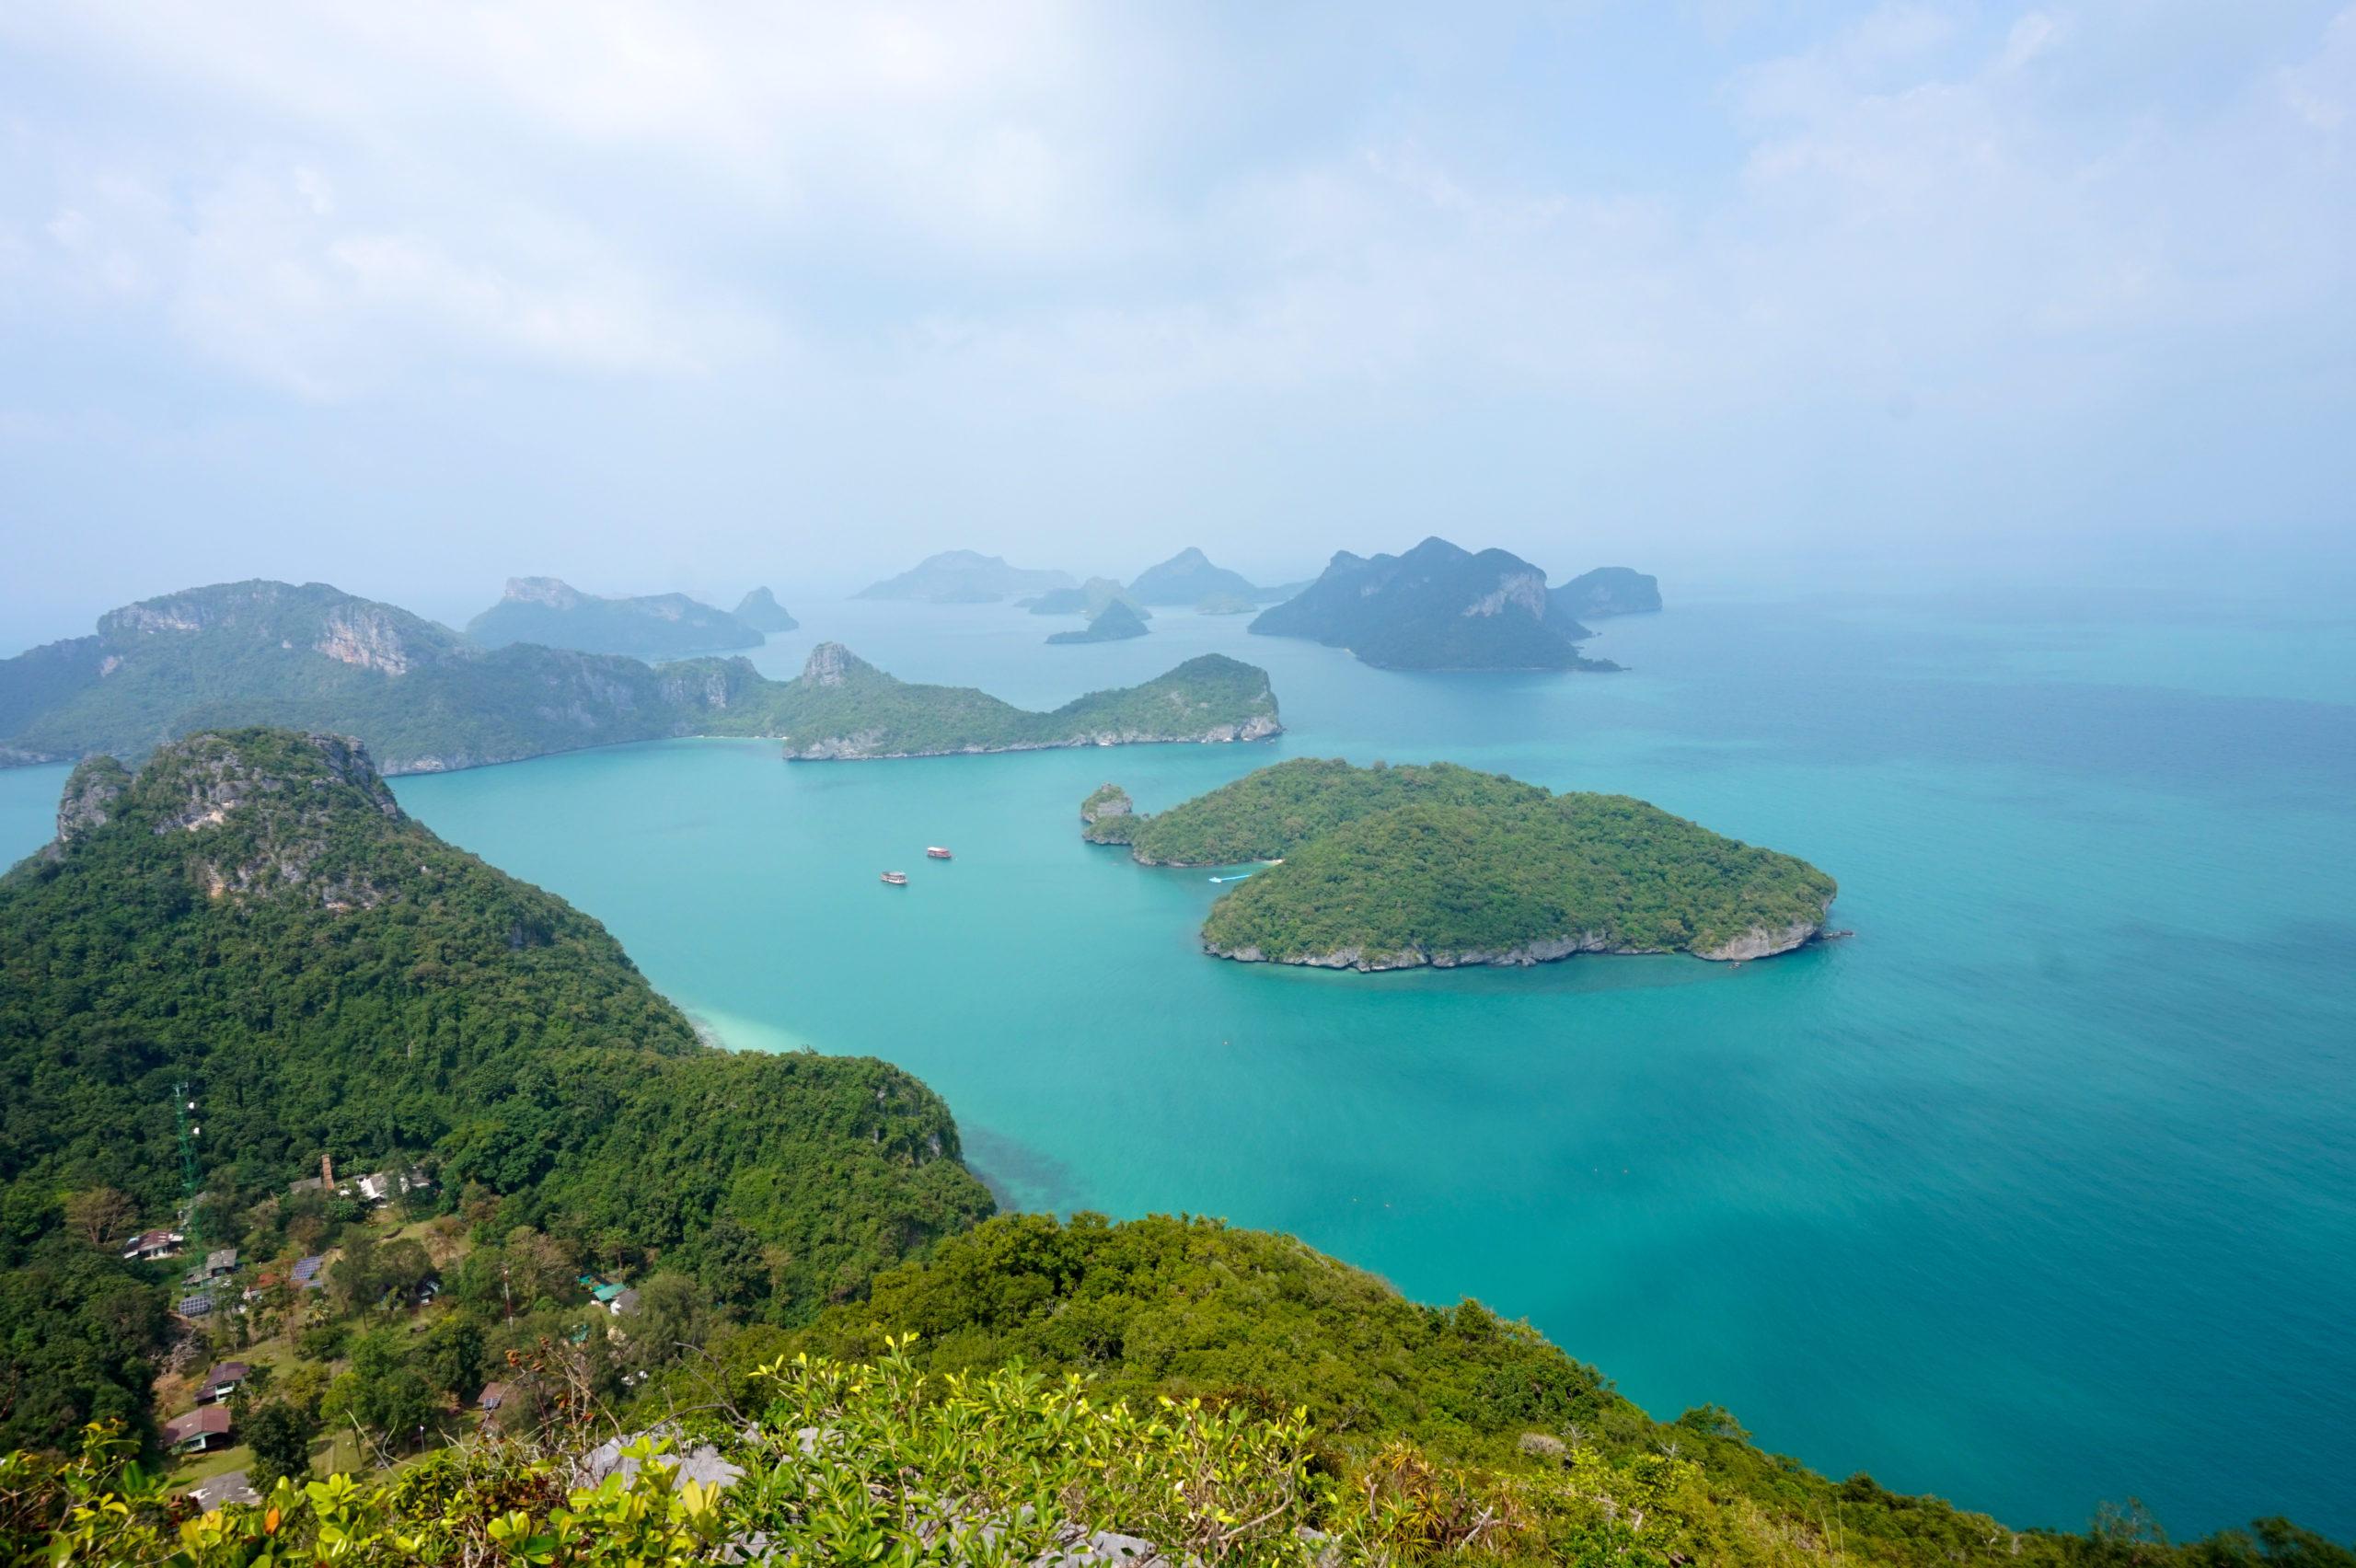 Таиланд какое море омывает